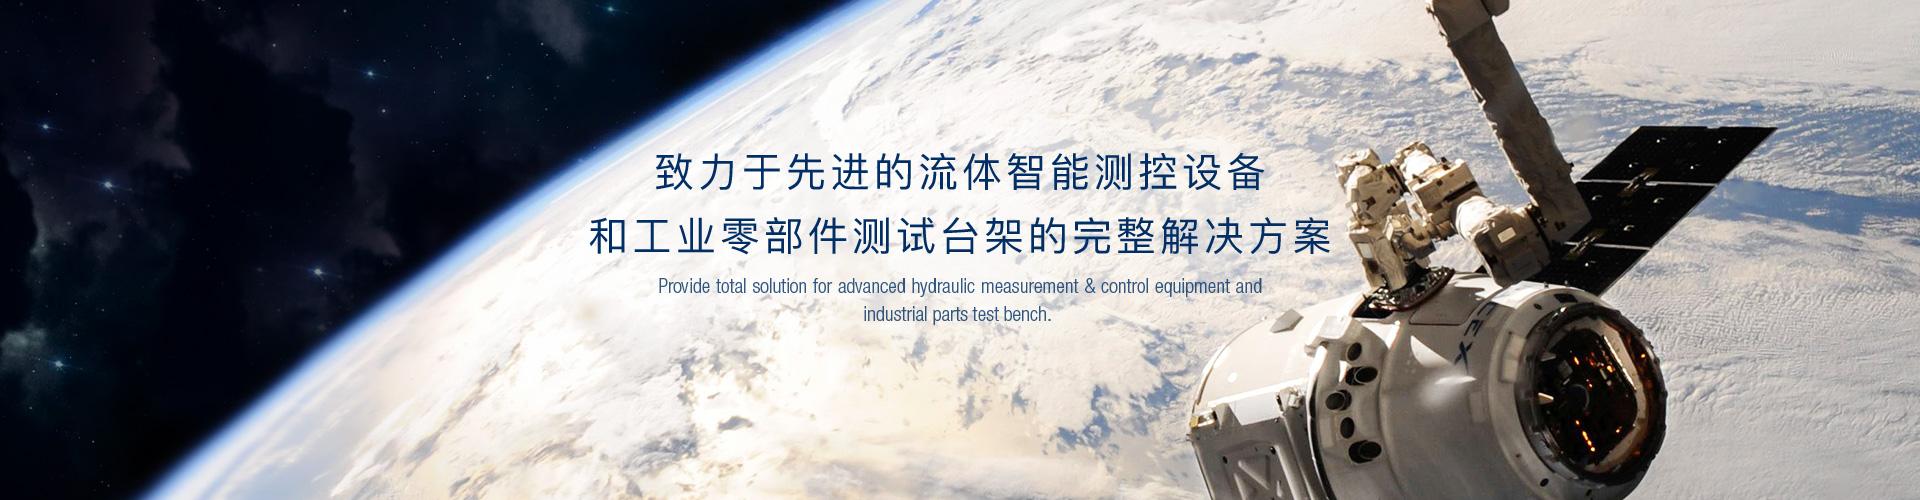 瀚茁(上海)智能设备有限公司